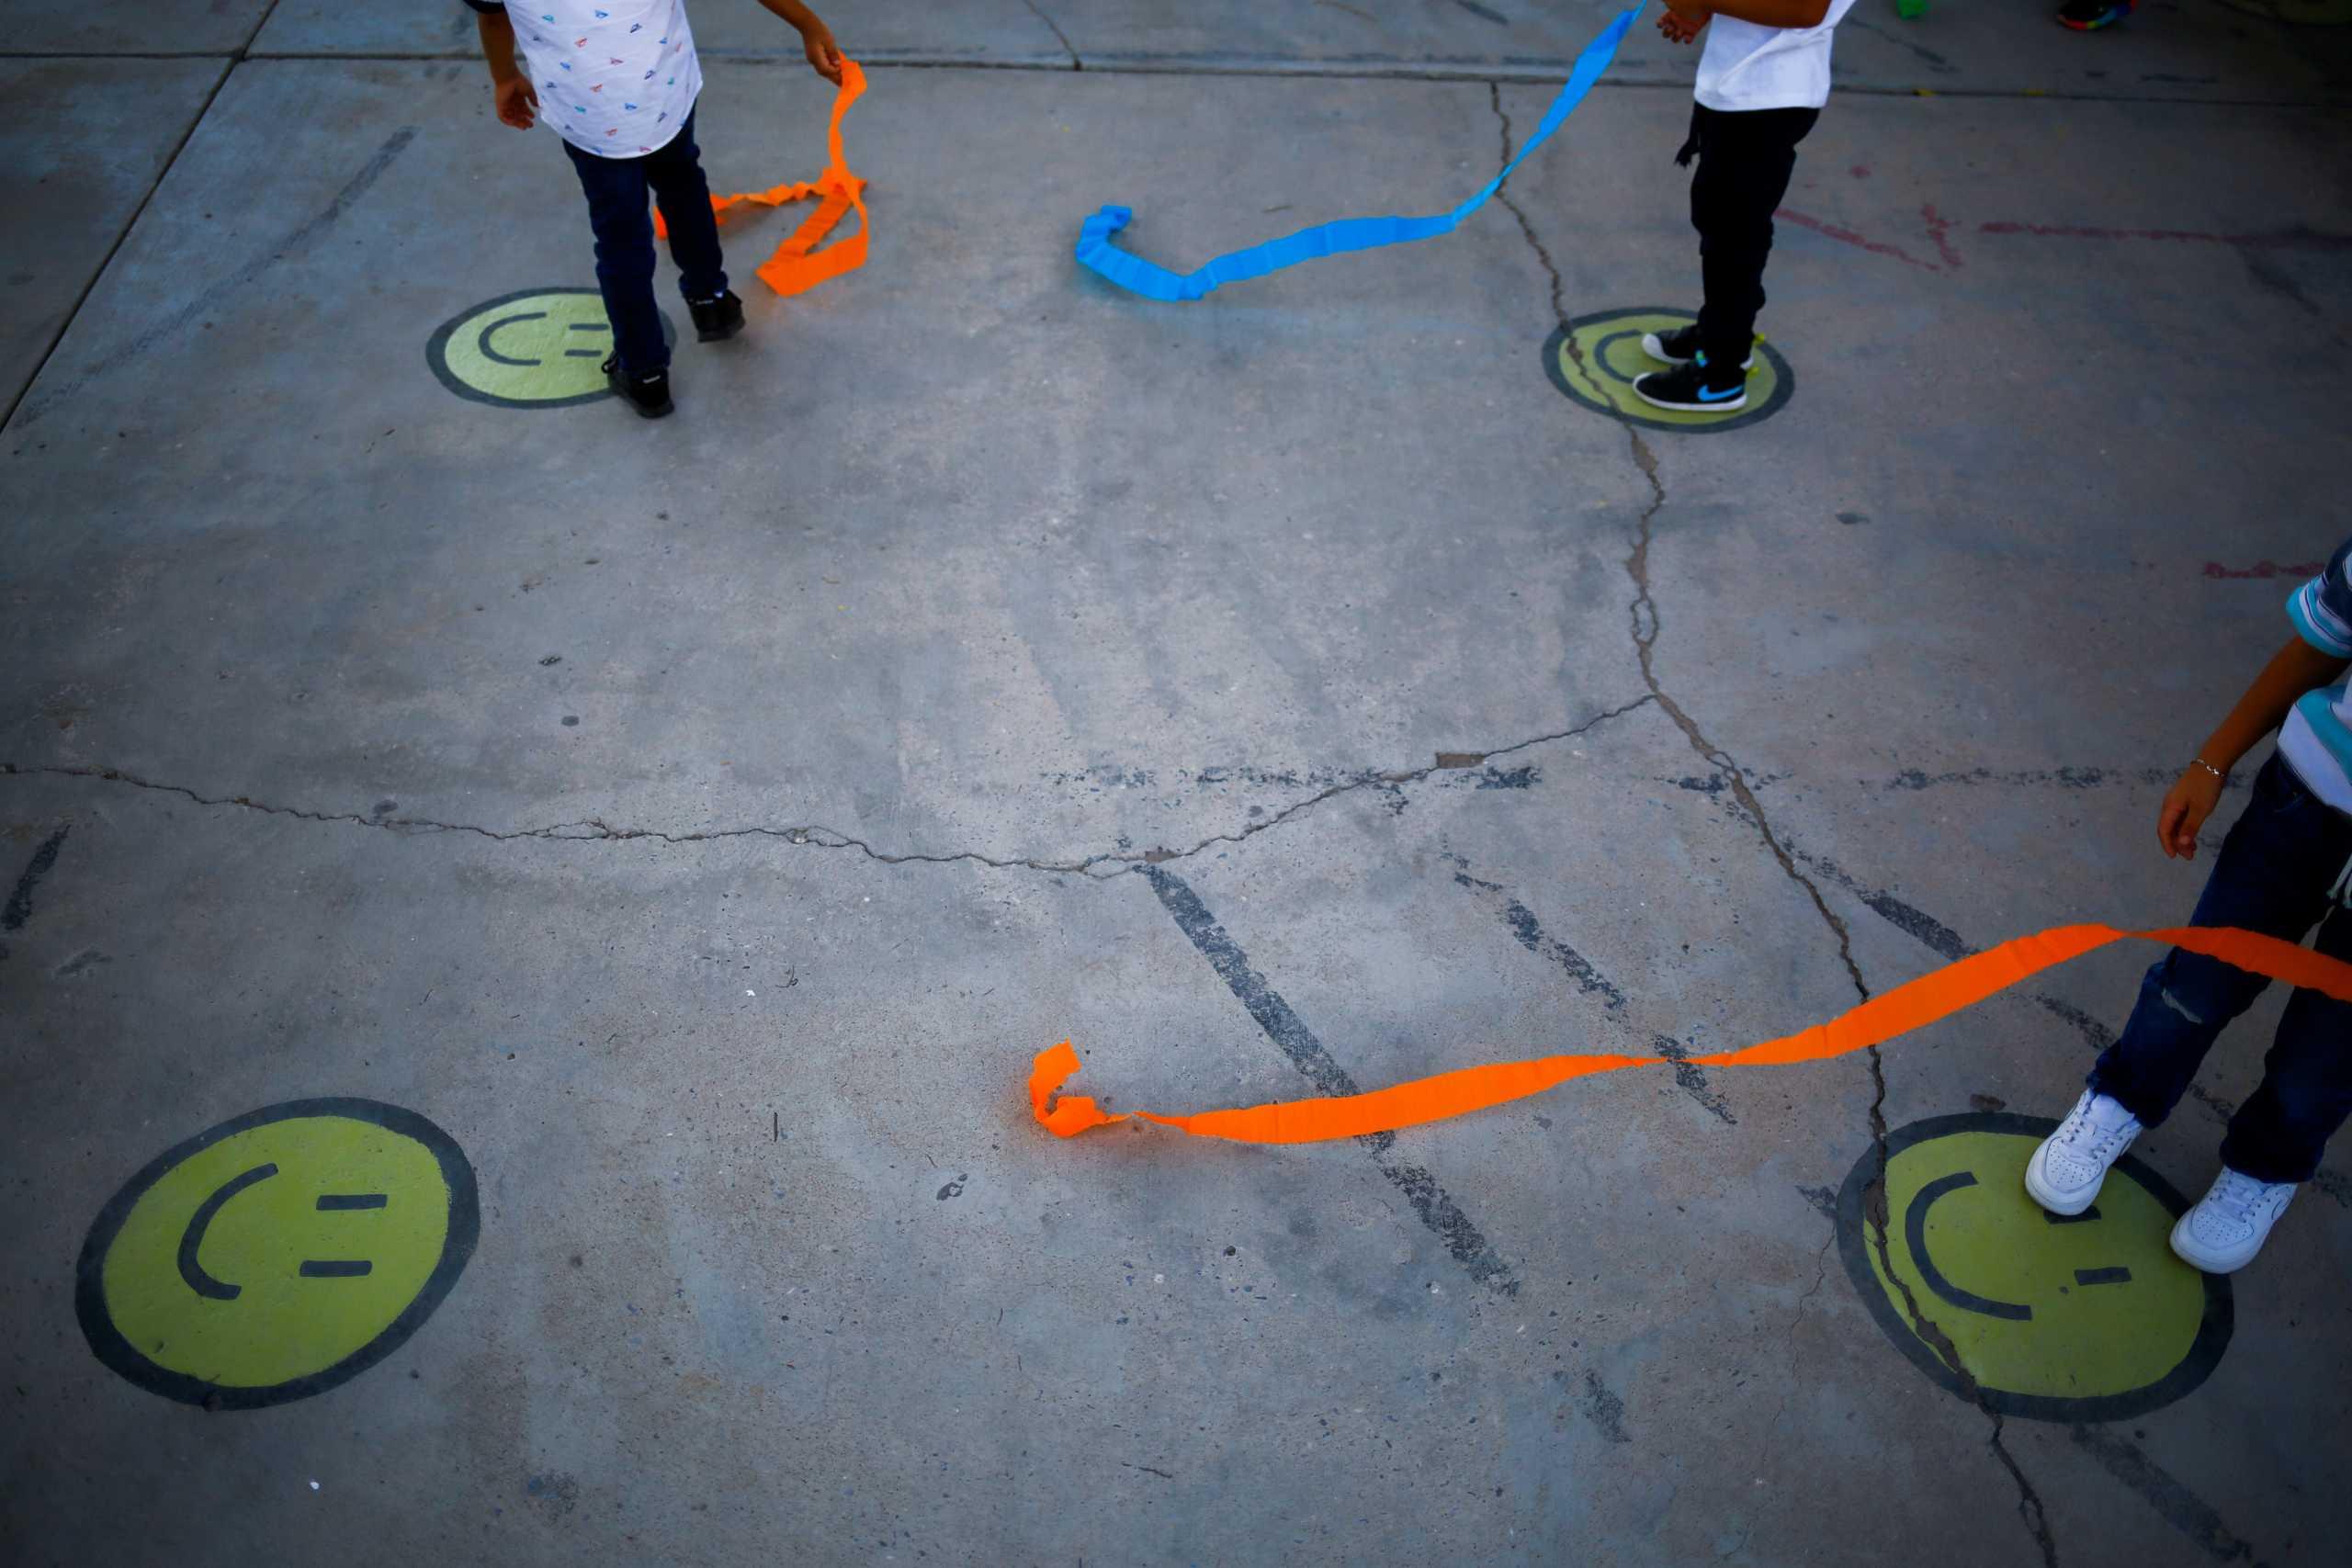 Ισπανία: «Χάνουν» τα παιδιά τους οι καταδικασμένοι για ενδοοικογενειακή ή έμφυλη βία